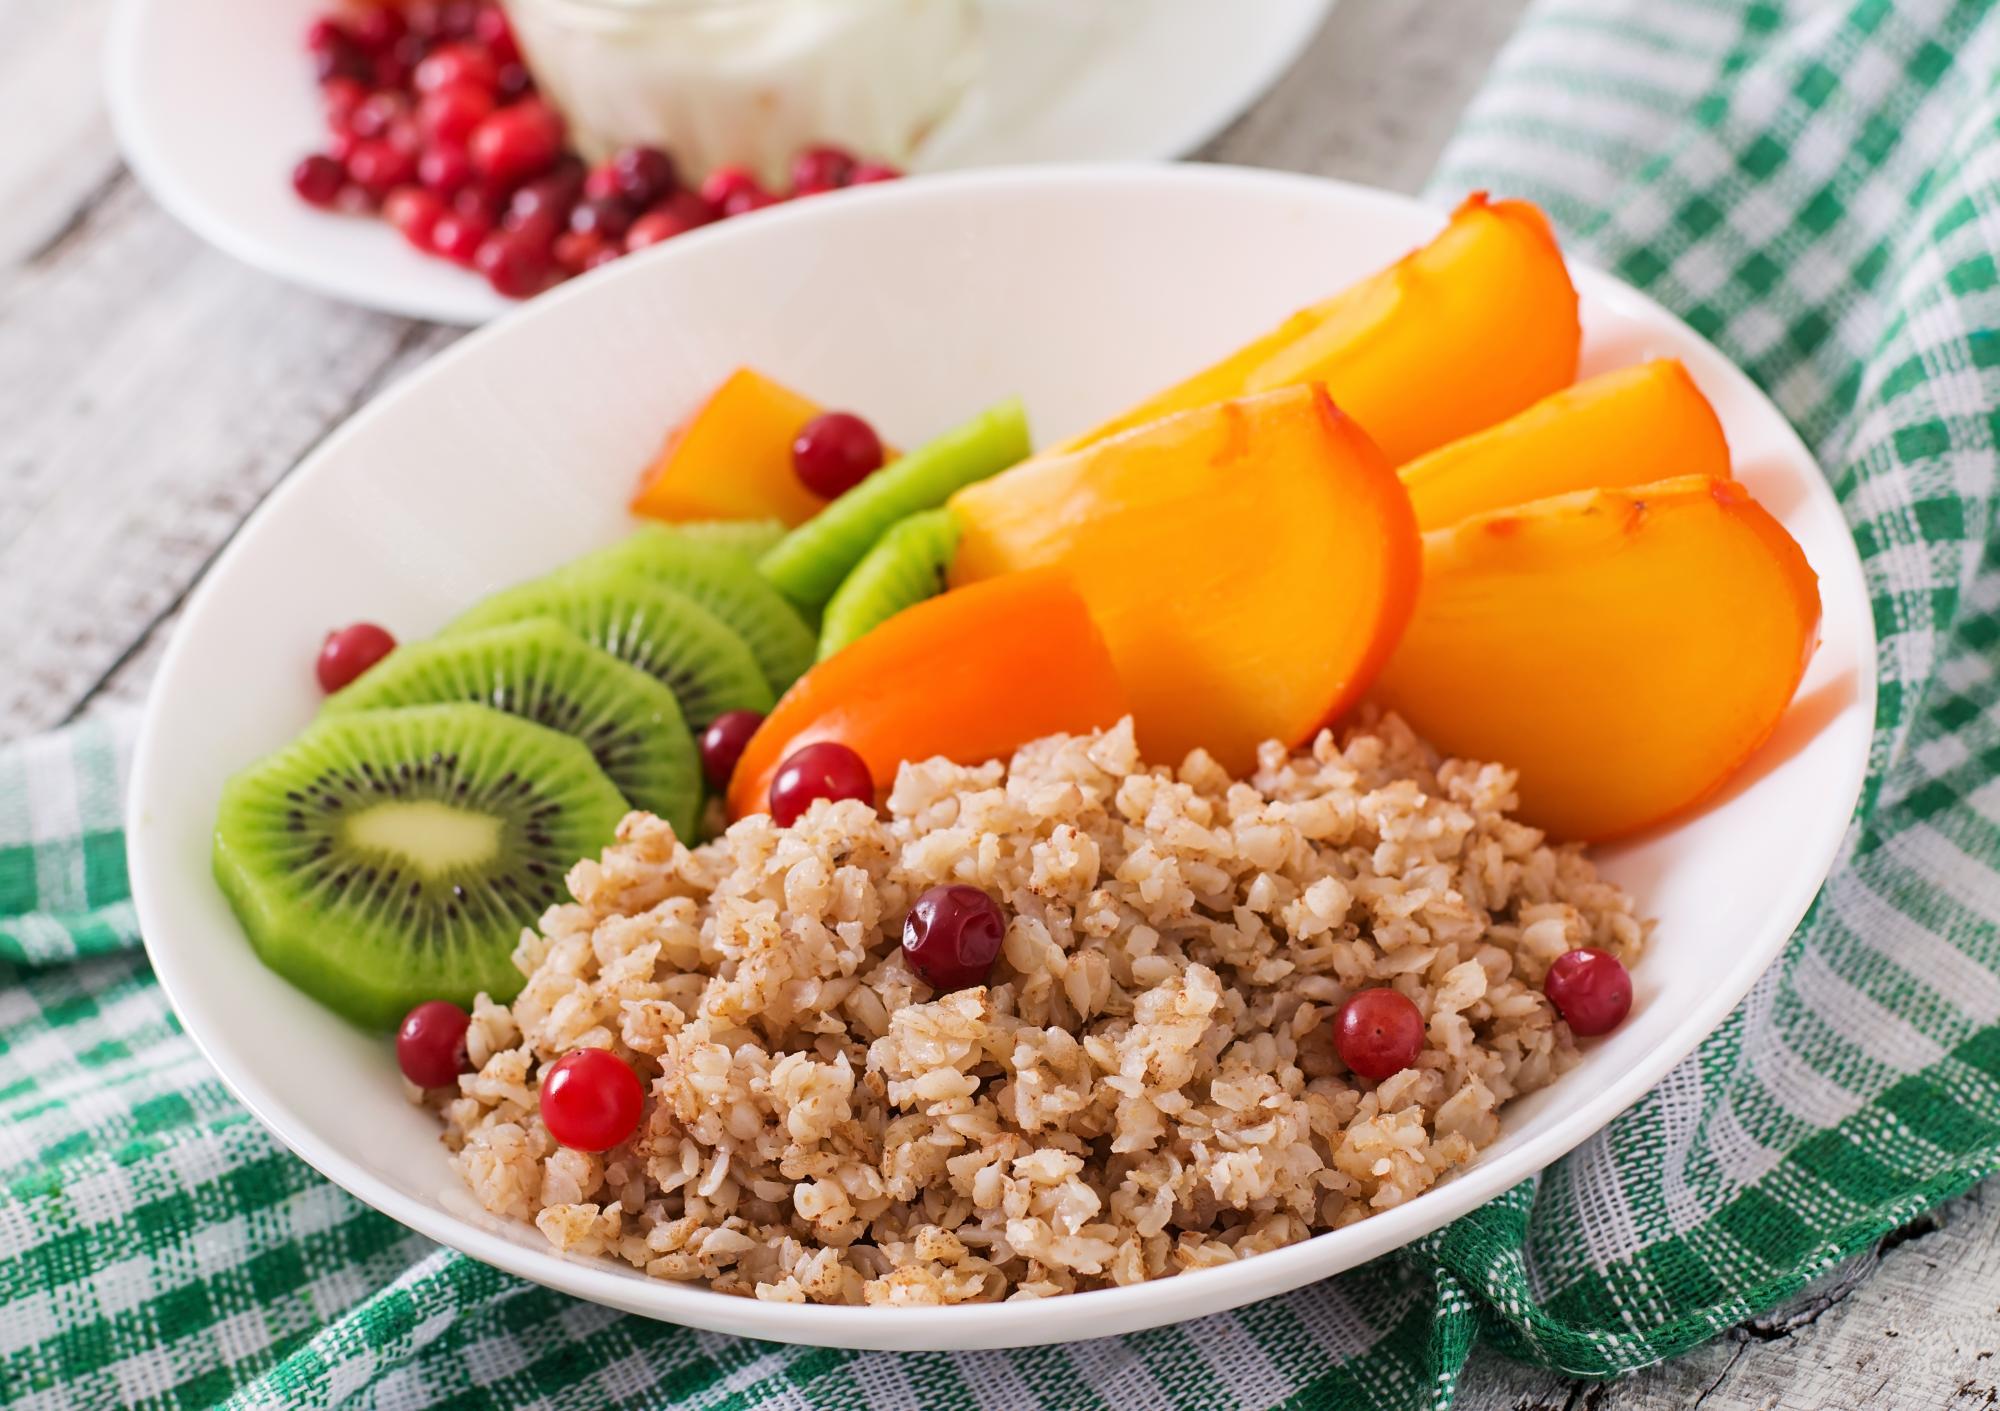 Панкреатит. диета при панкреатите: особенность, меню, рецепты, советы диетолога